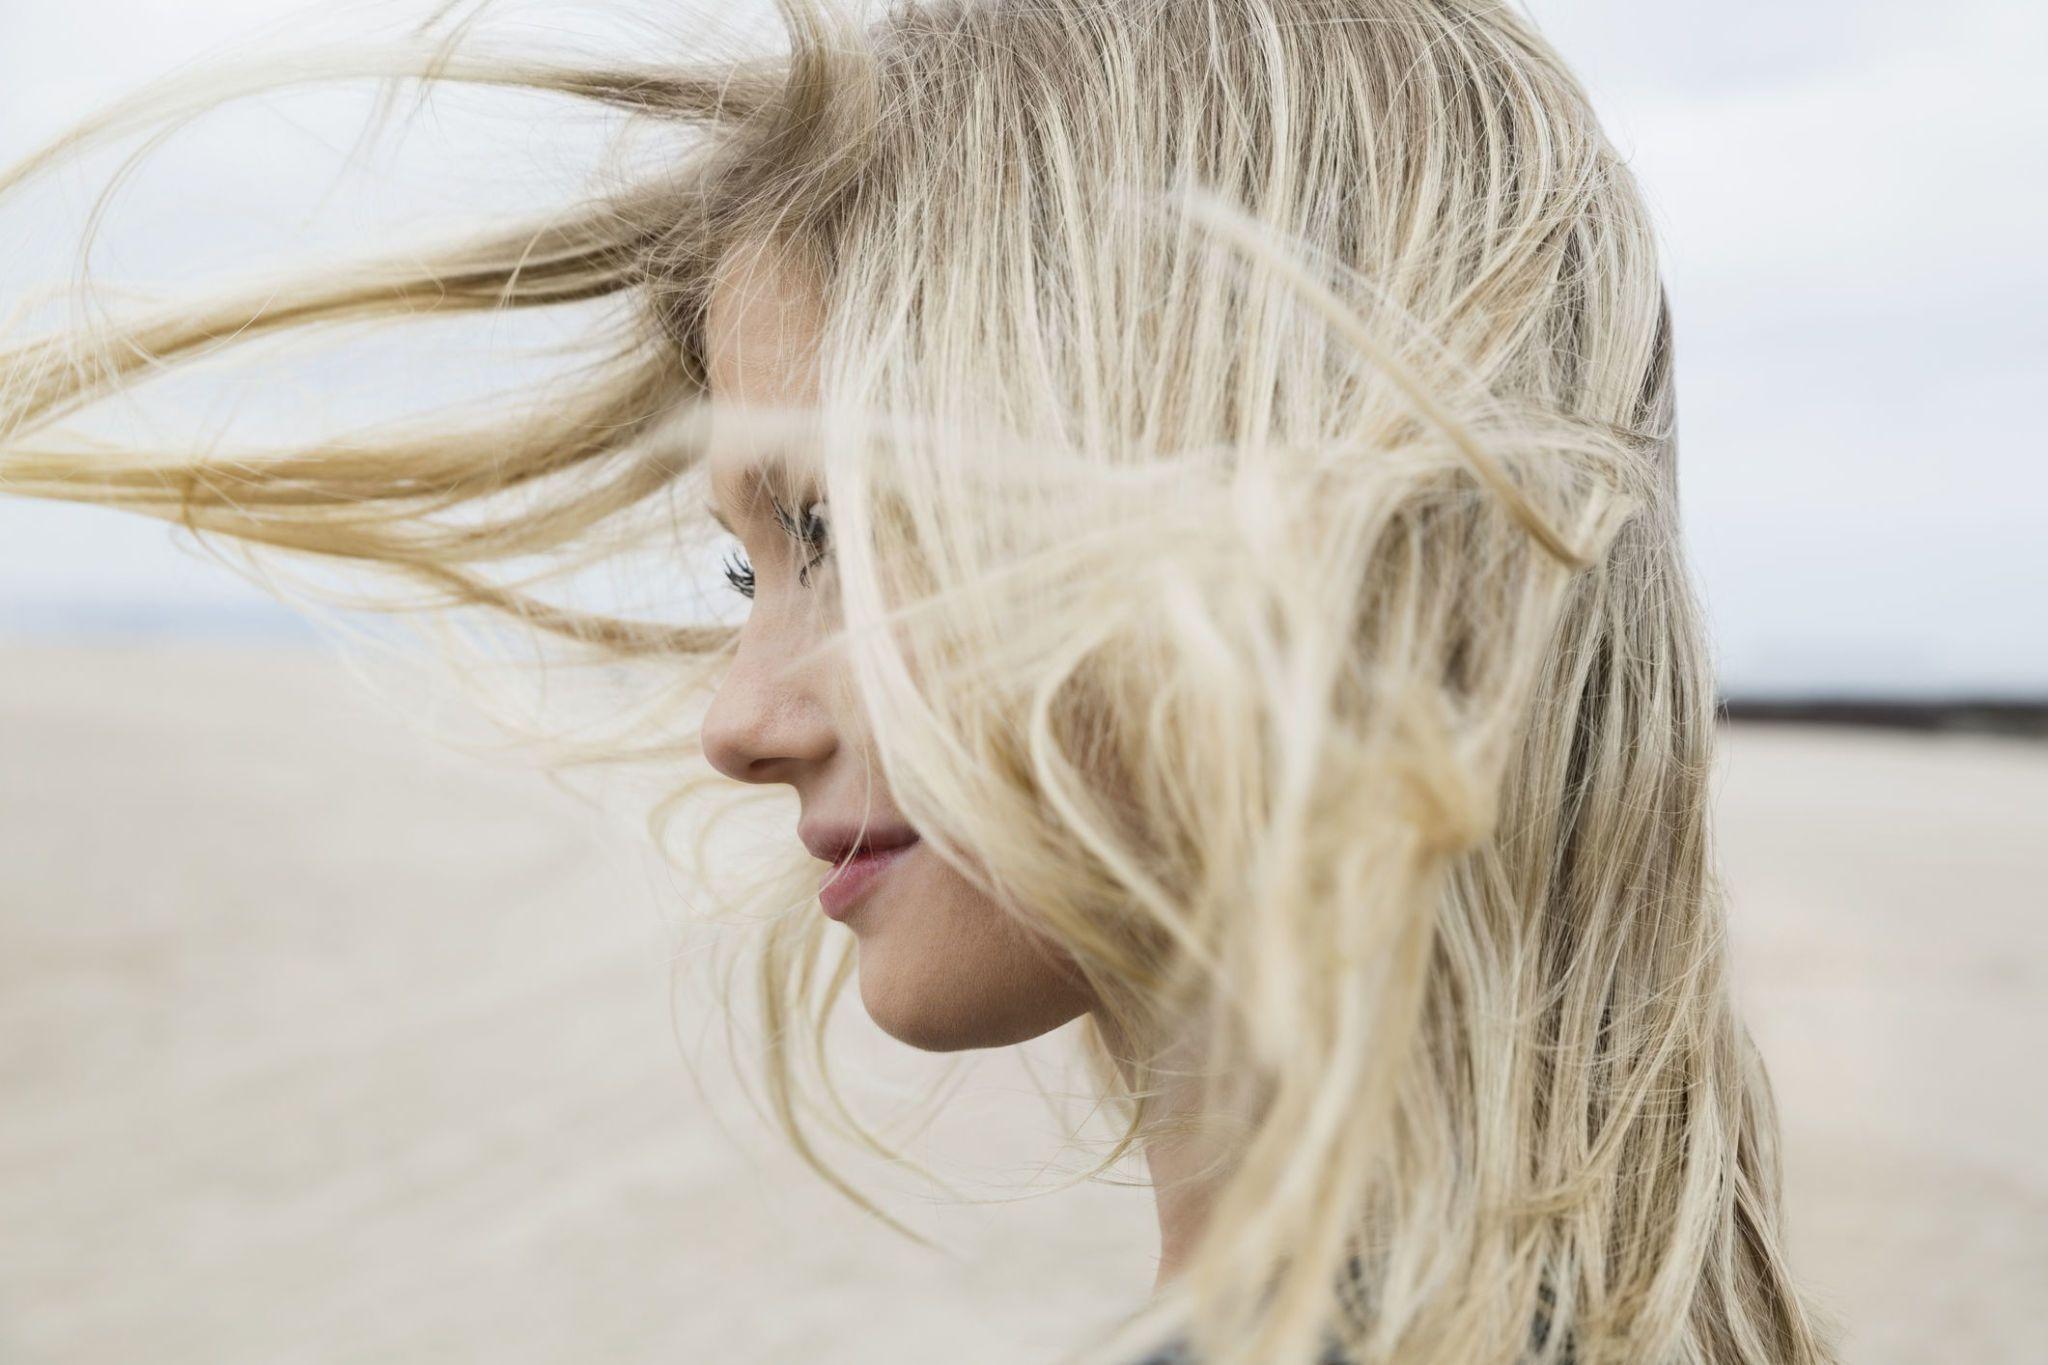 Taglio capelli pari o scalato